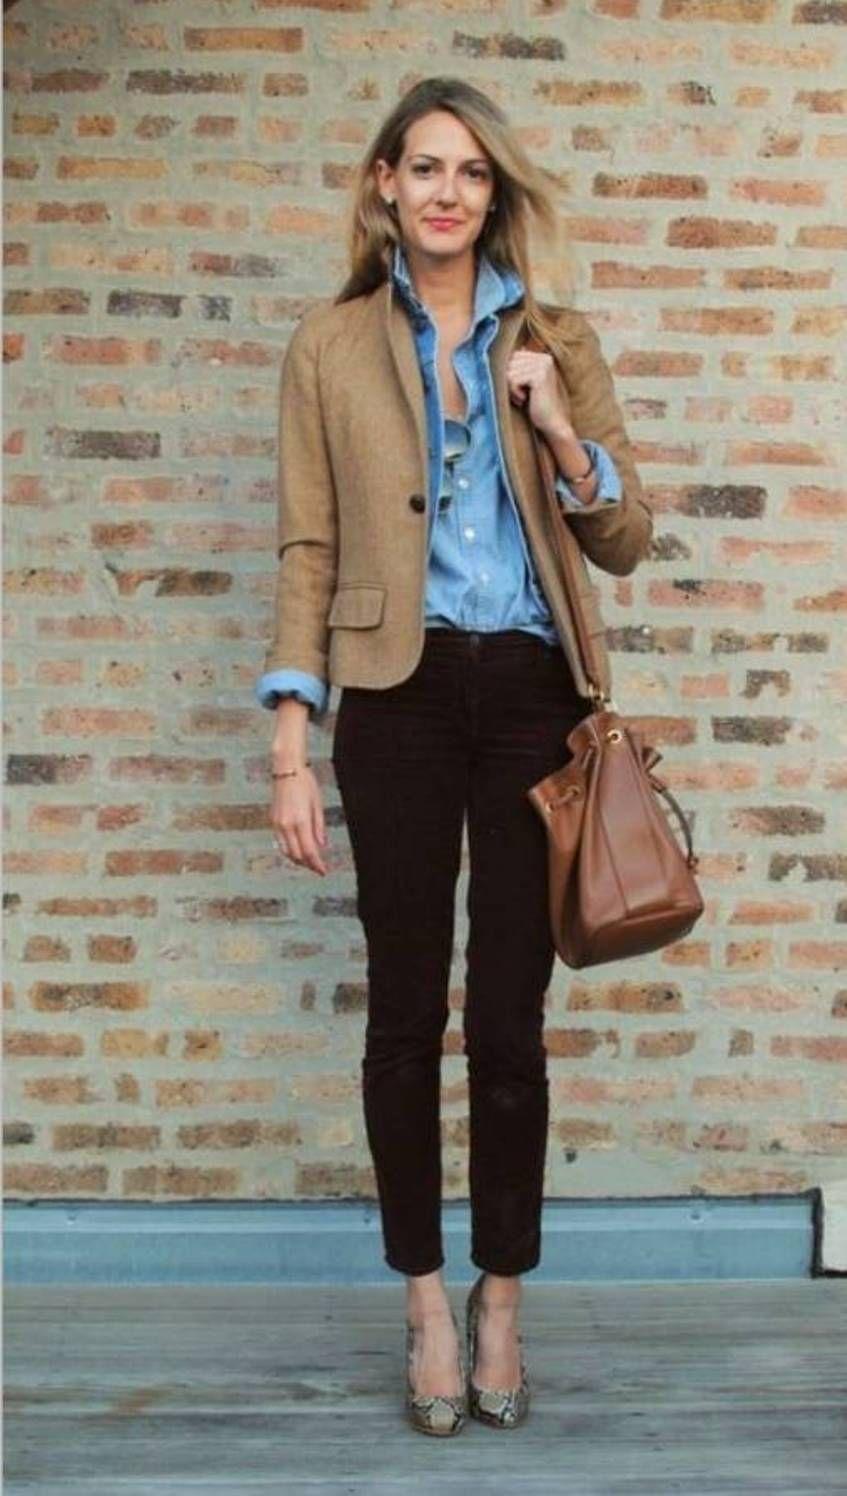 fcd62c73e97 business casual women - Google Search